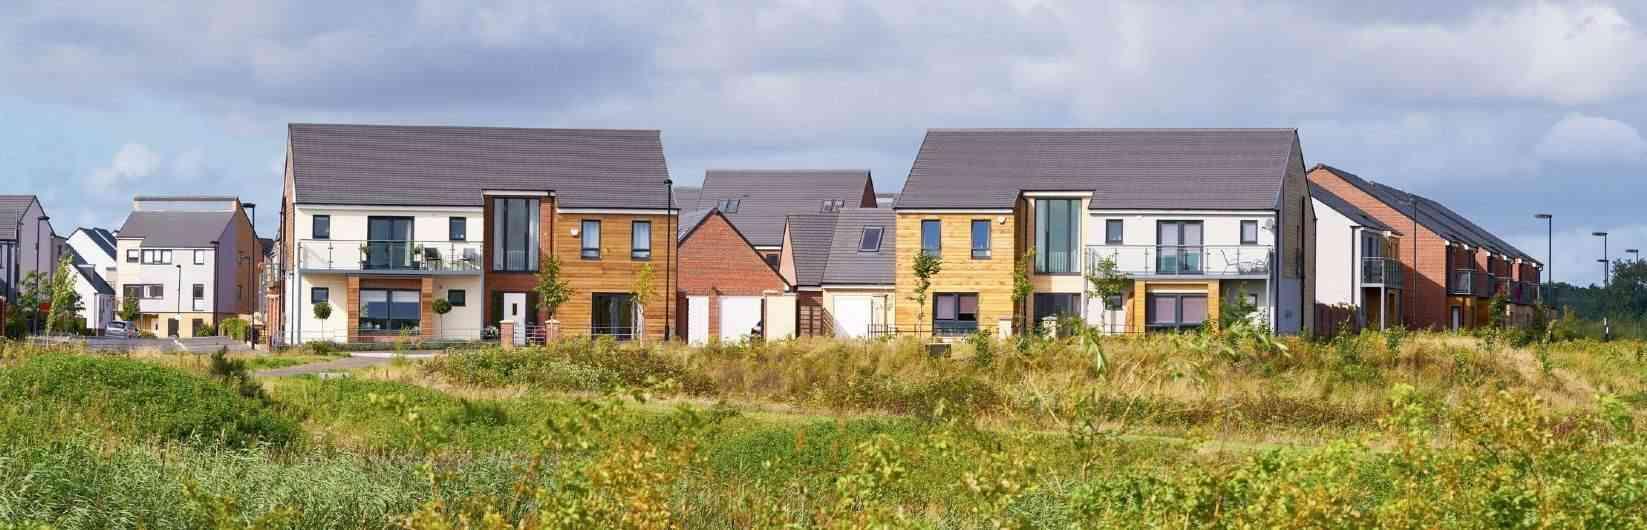 Savills UK | Affordable Housing